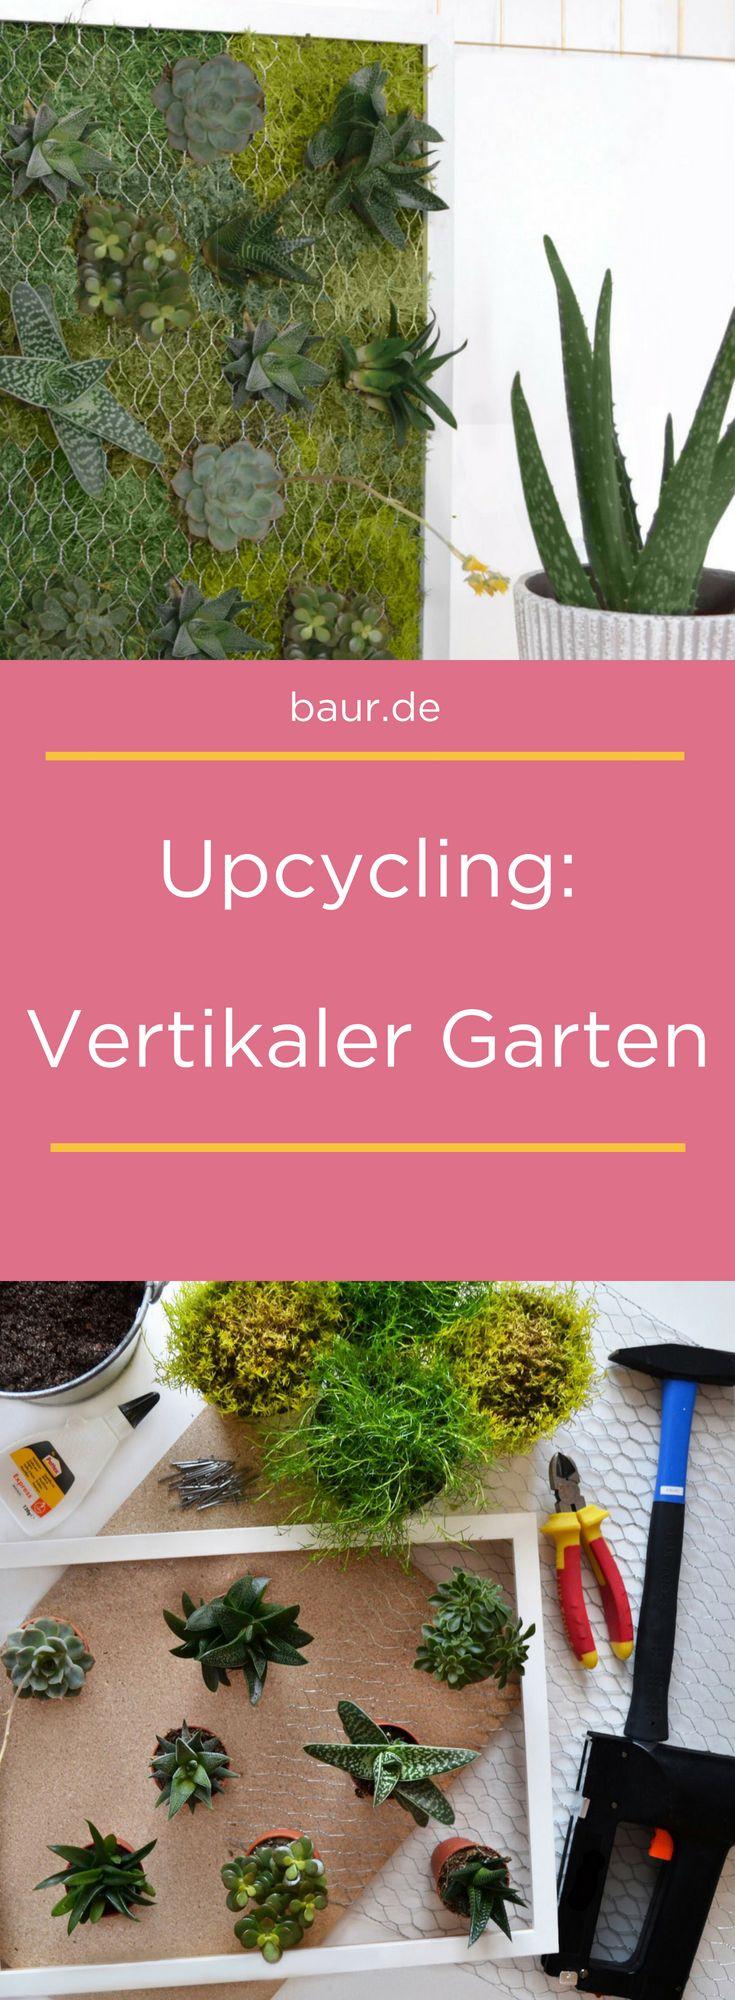 Vertikaler Garten selbst gemacht